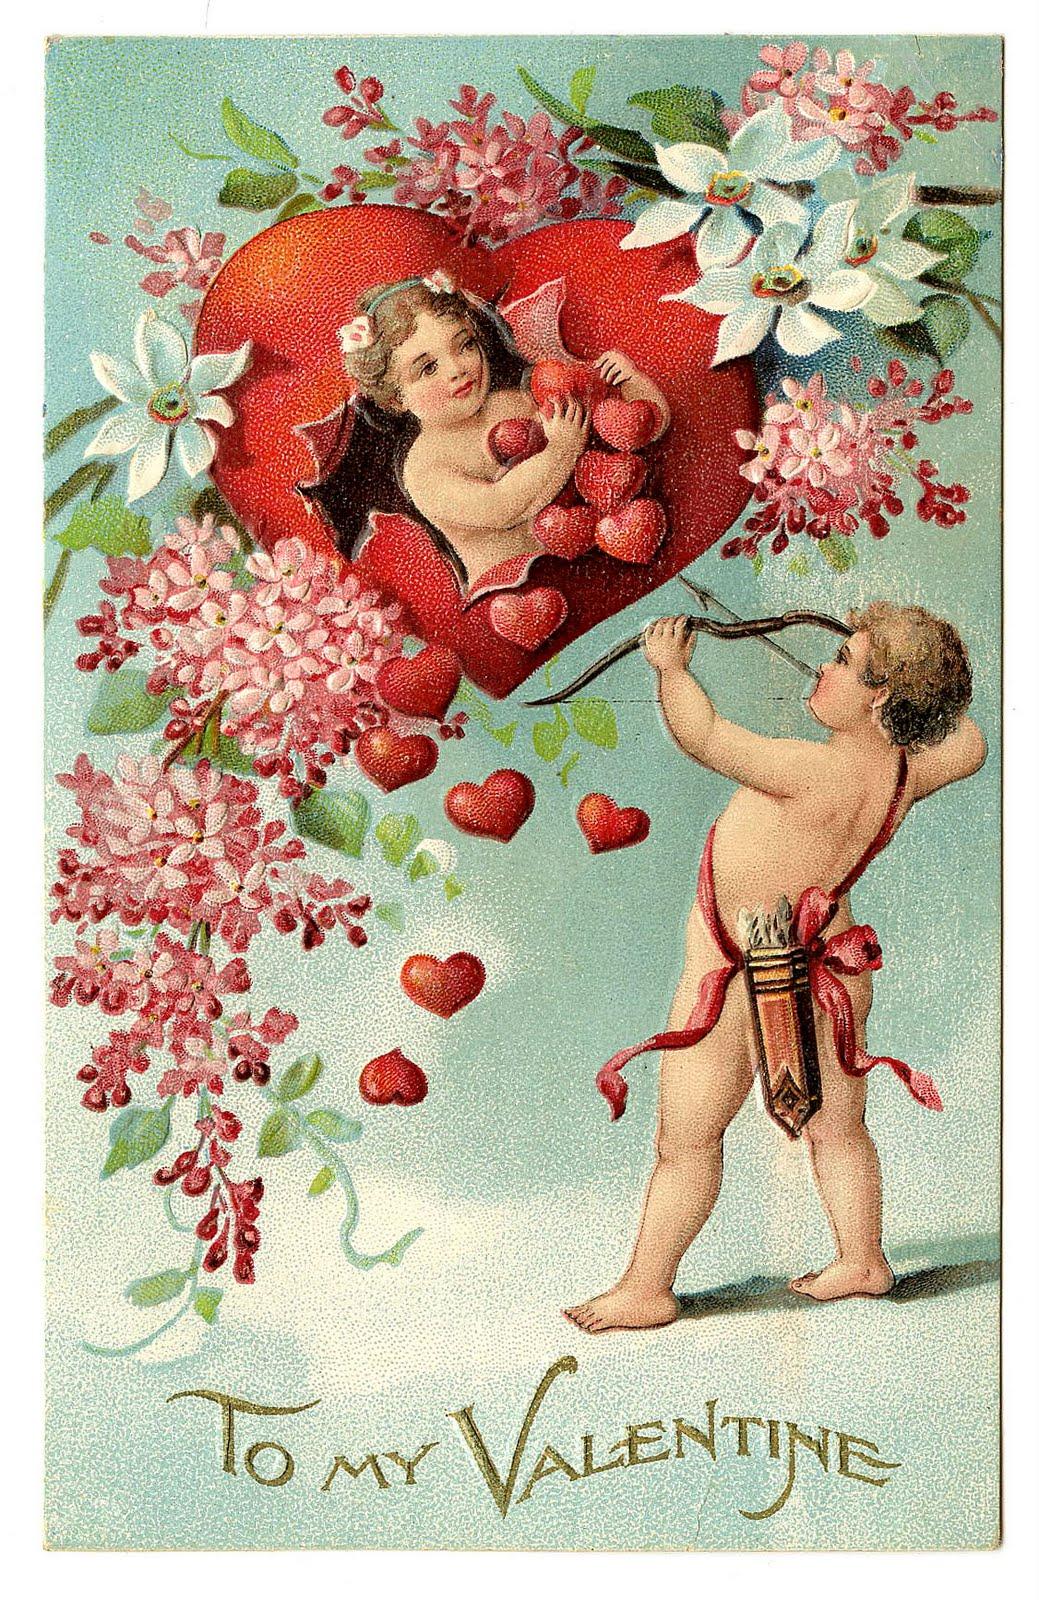 CherubGiant Heart Flowers Image